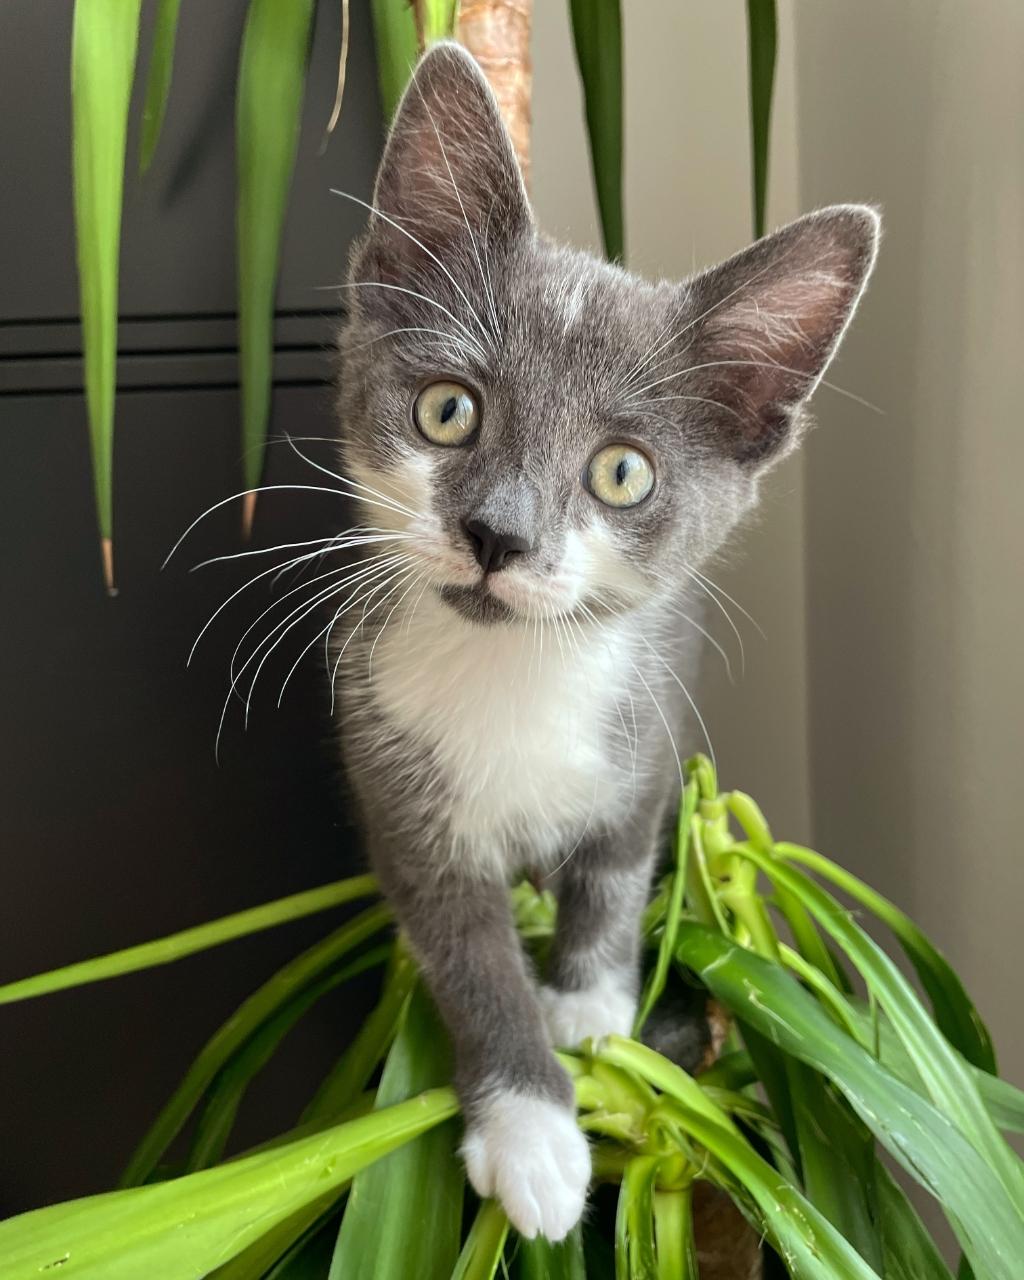 Hierbij mijn lieve kleine kitten Teddy! Brit Koele © BDU media